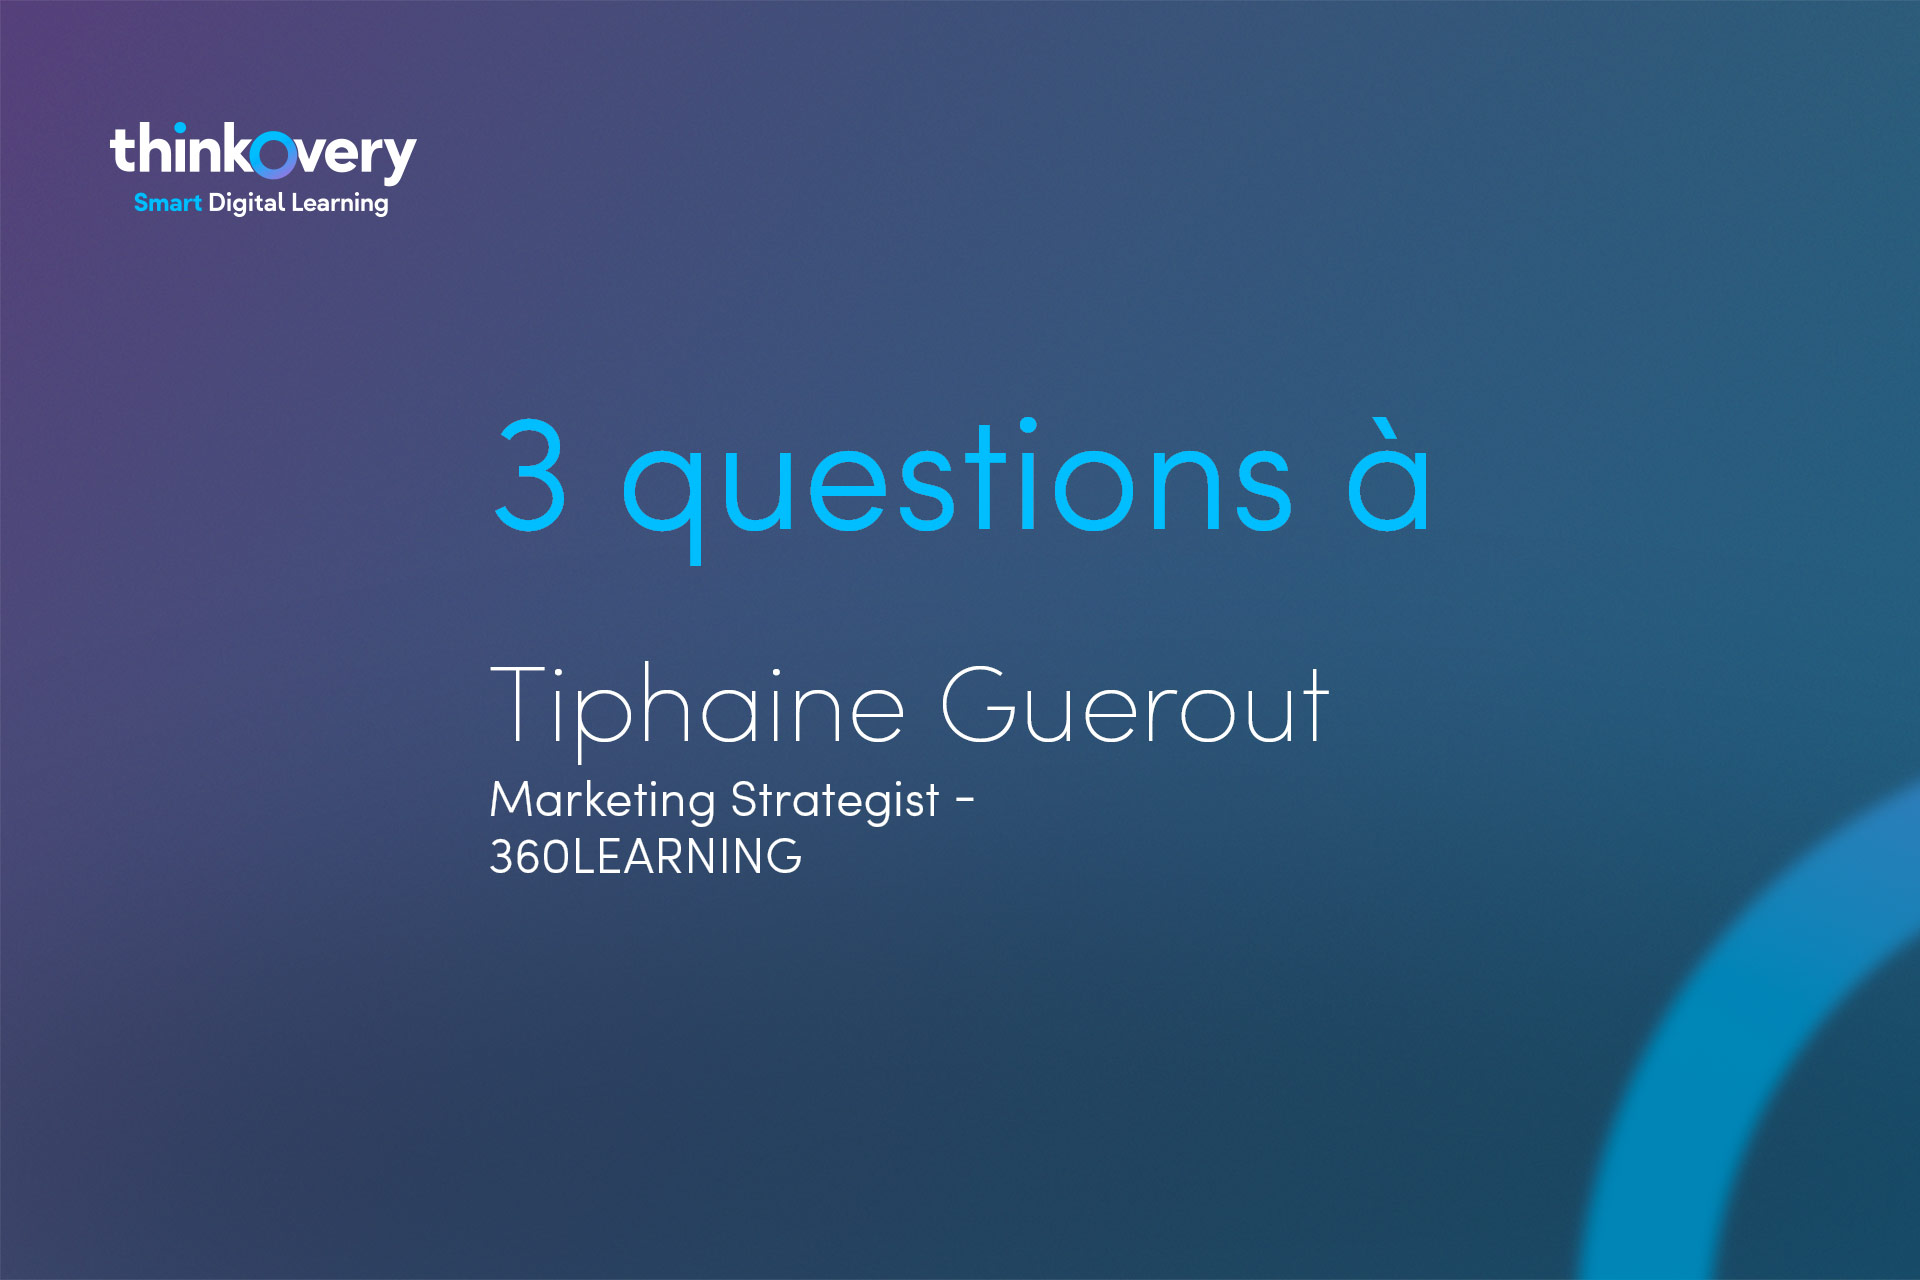 Tiphaine Guerout 360learning repond à nos questions sur le digital learning et LMS